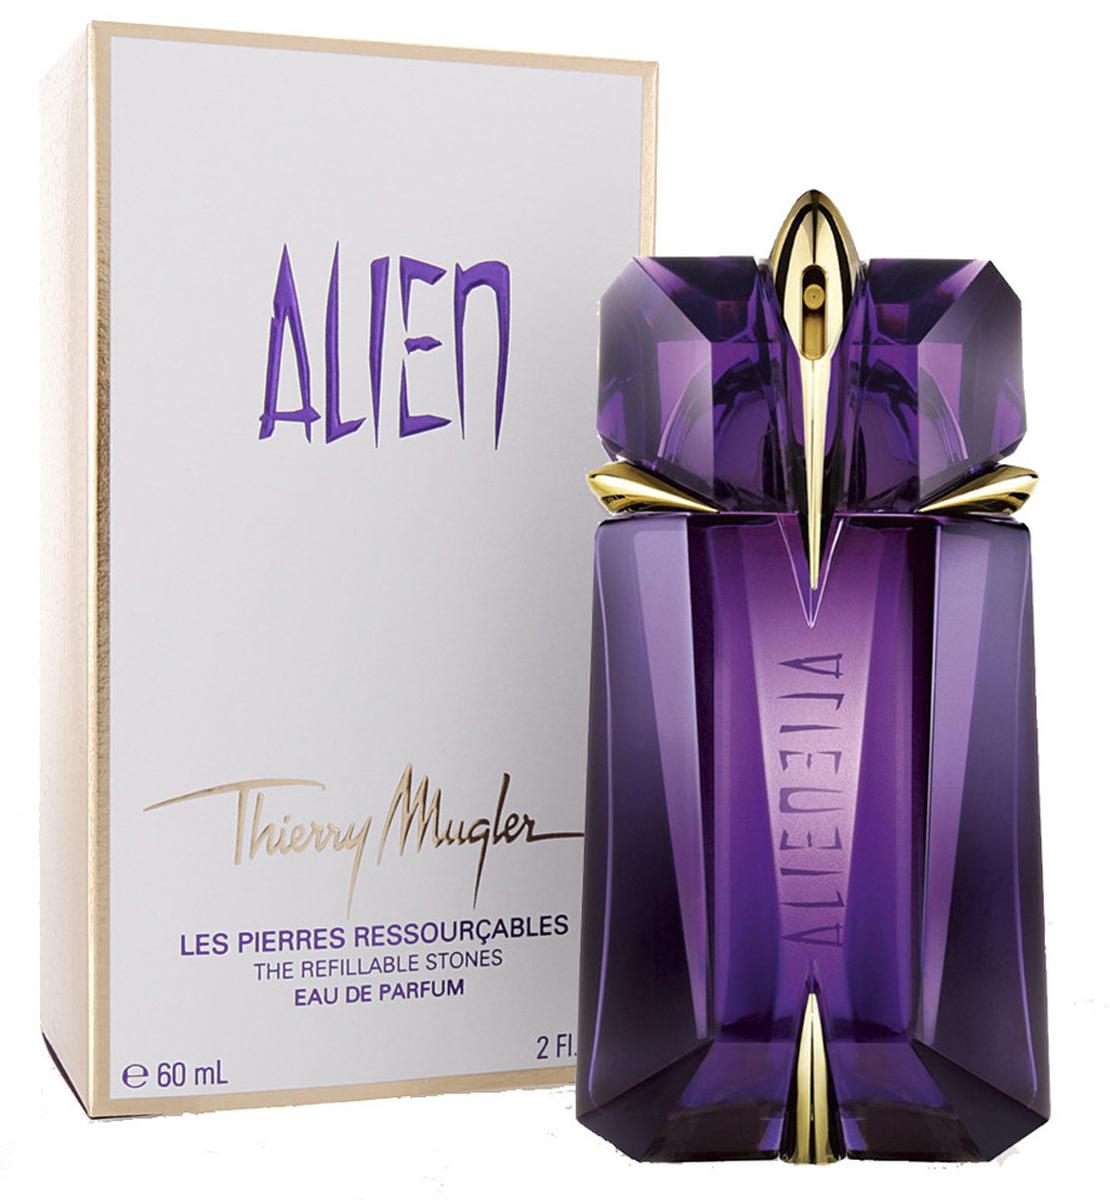 Thierry Mugler Парфюмированная вода Alien, женская, 60 мл13984Древесные, ориентальные. Жасмин, древесина, амбра.